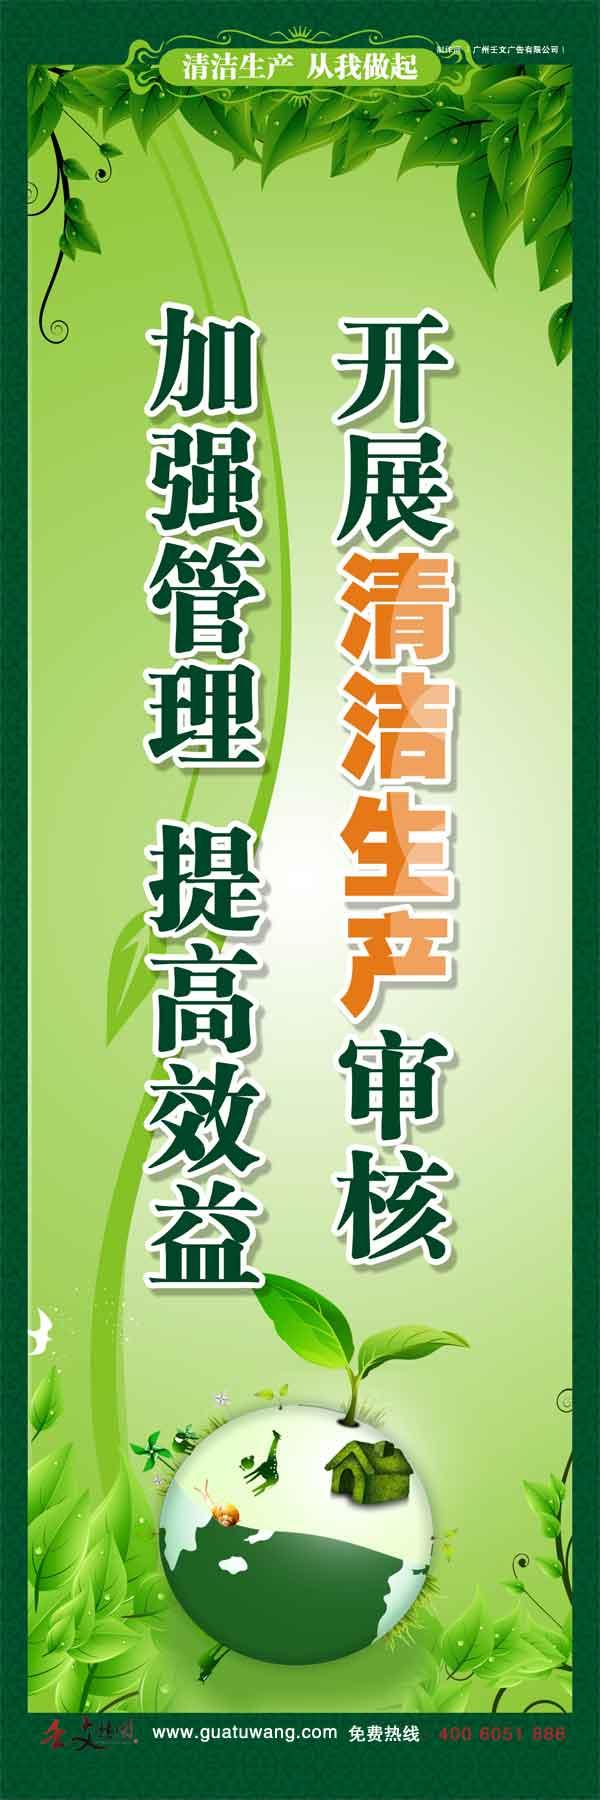 首页 工厂车间 环保标语 清洁生产标语 环保标语图片 工厂清洁标语